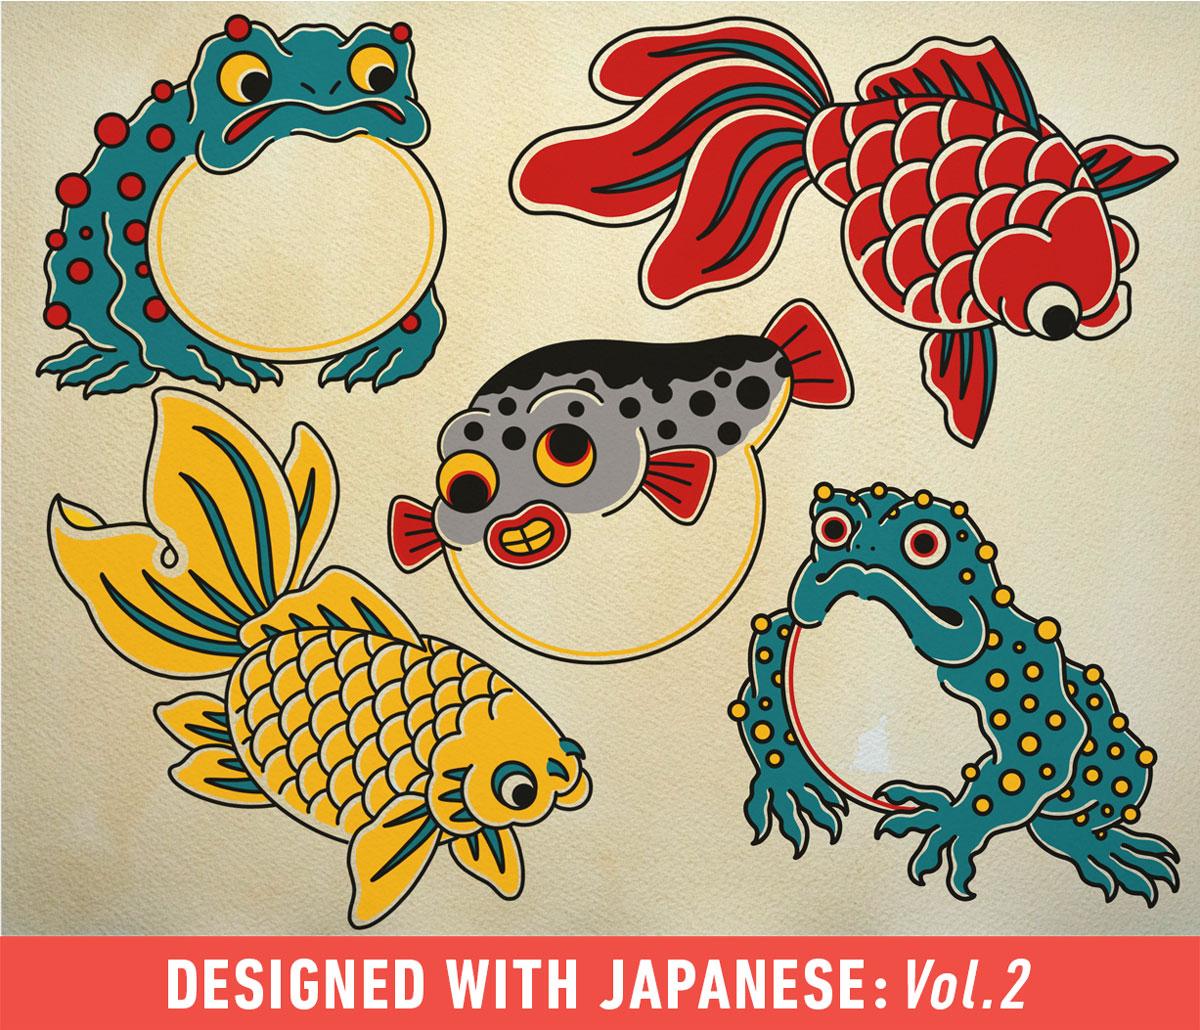 100款日系风格动物花卉符号Procreate笔刷合集 Japanese Procreate Brush Set插图(5)